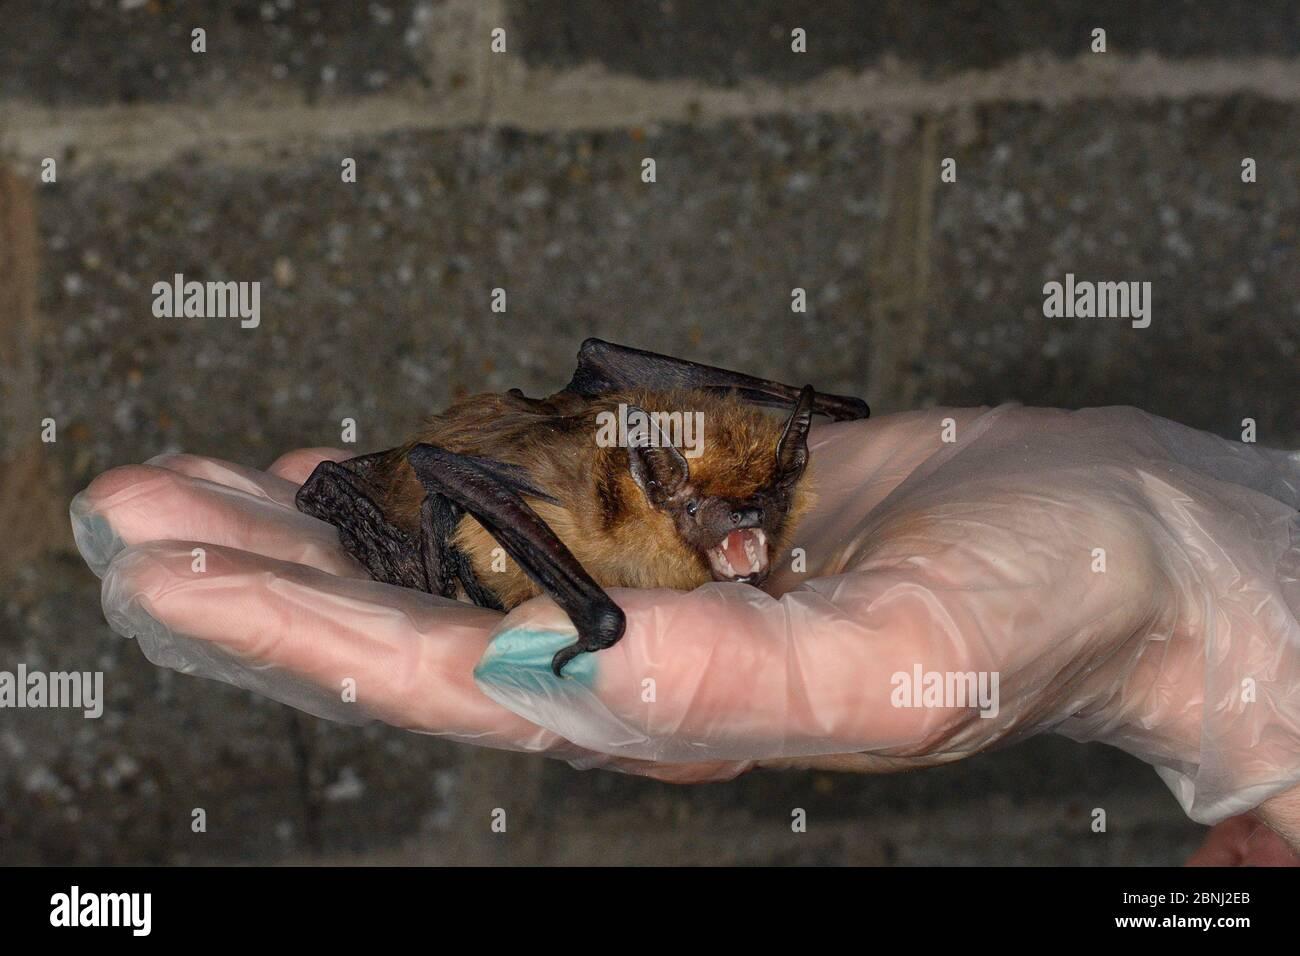 La chauve-souris Serotine sauvée (Eptesicus serotinus) tenue dans une main, sur le point de faire tester sa récupération et sa capacité de voler dans une cage de vol avant de la libérer Banque D'Images